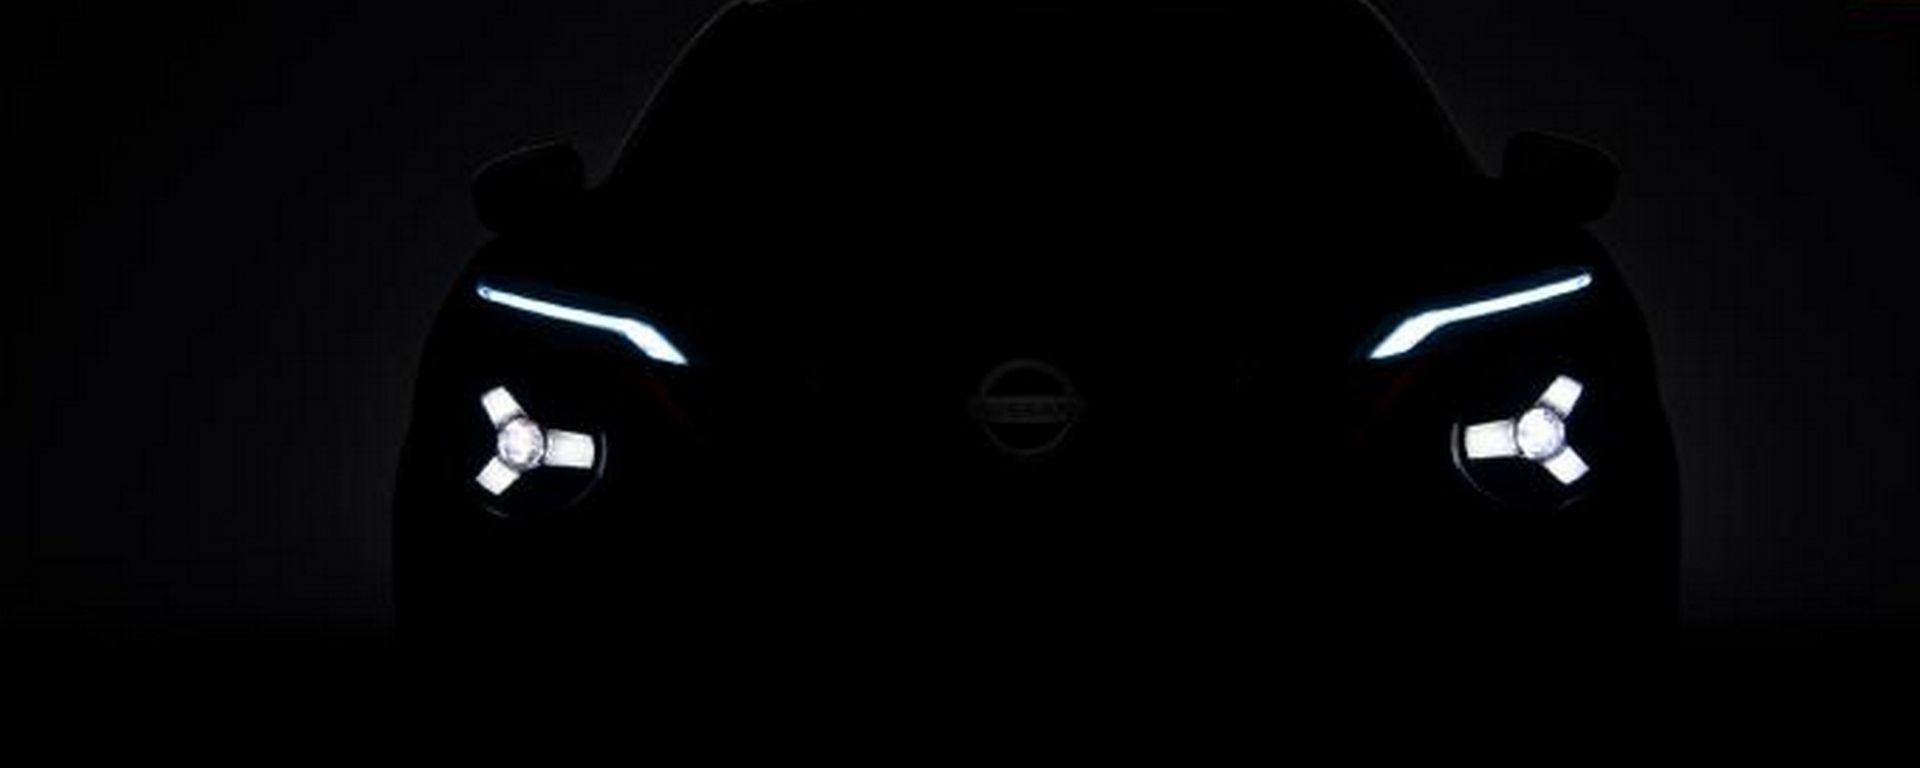 Nissan Juke 2020, il frontale